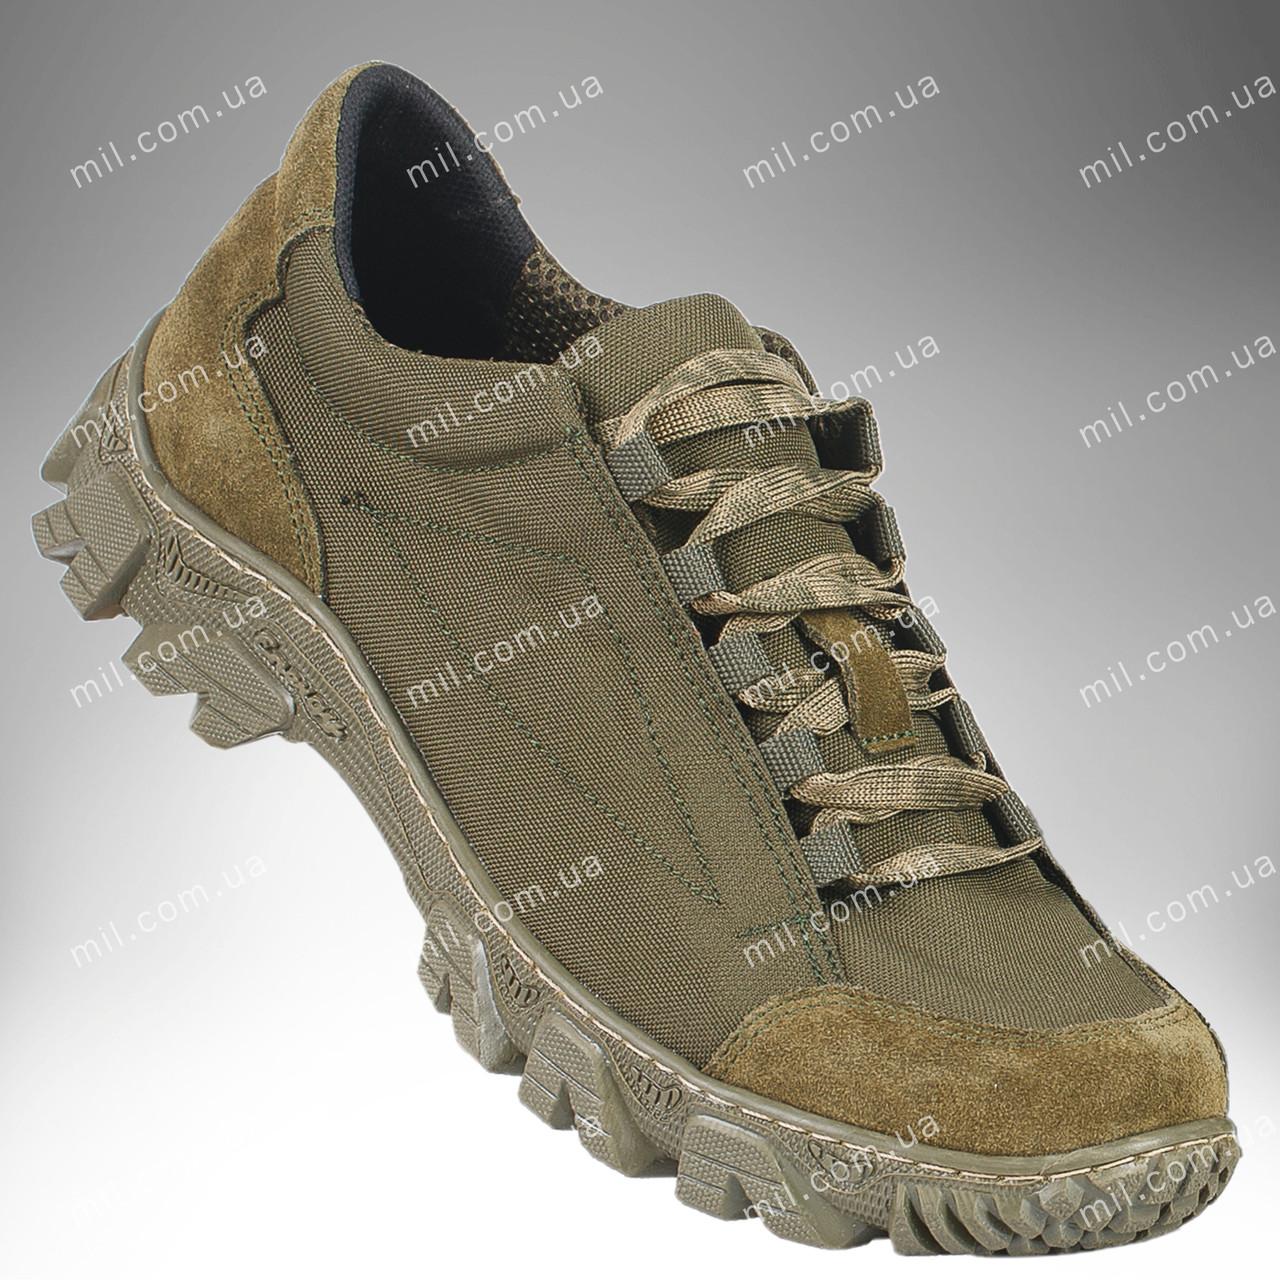 Военные летние кроссовки / тактическая, облегченная обувь ARES Gen.2 (olive)